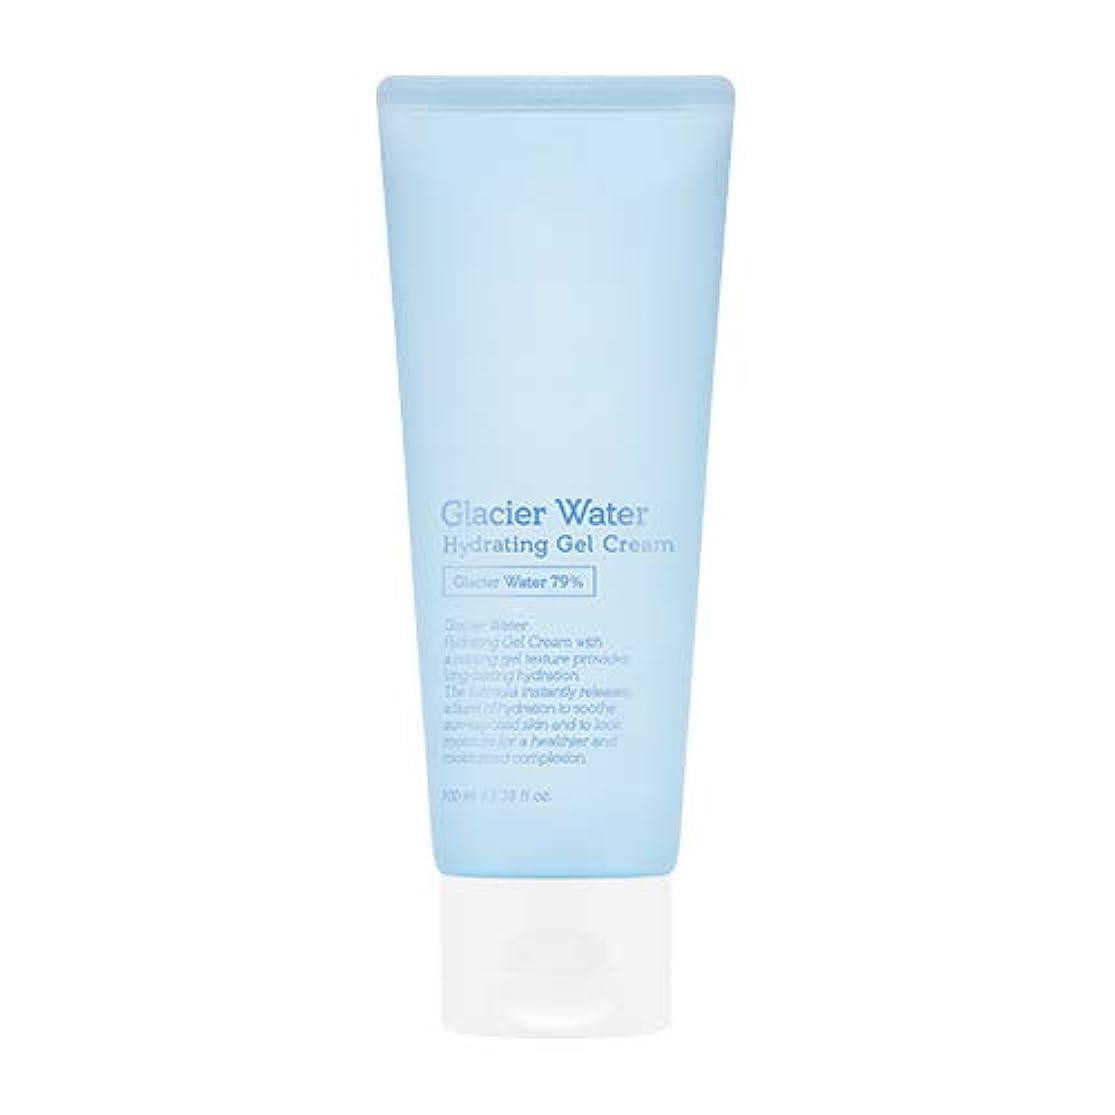 十一ブリッジ悲しいアピュ 氷河水 ハイドレーティングゲルクリーム [大容量] / A'PIEU Glacier Water Hydrating Gel Cream 100ml [並行輸入品]